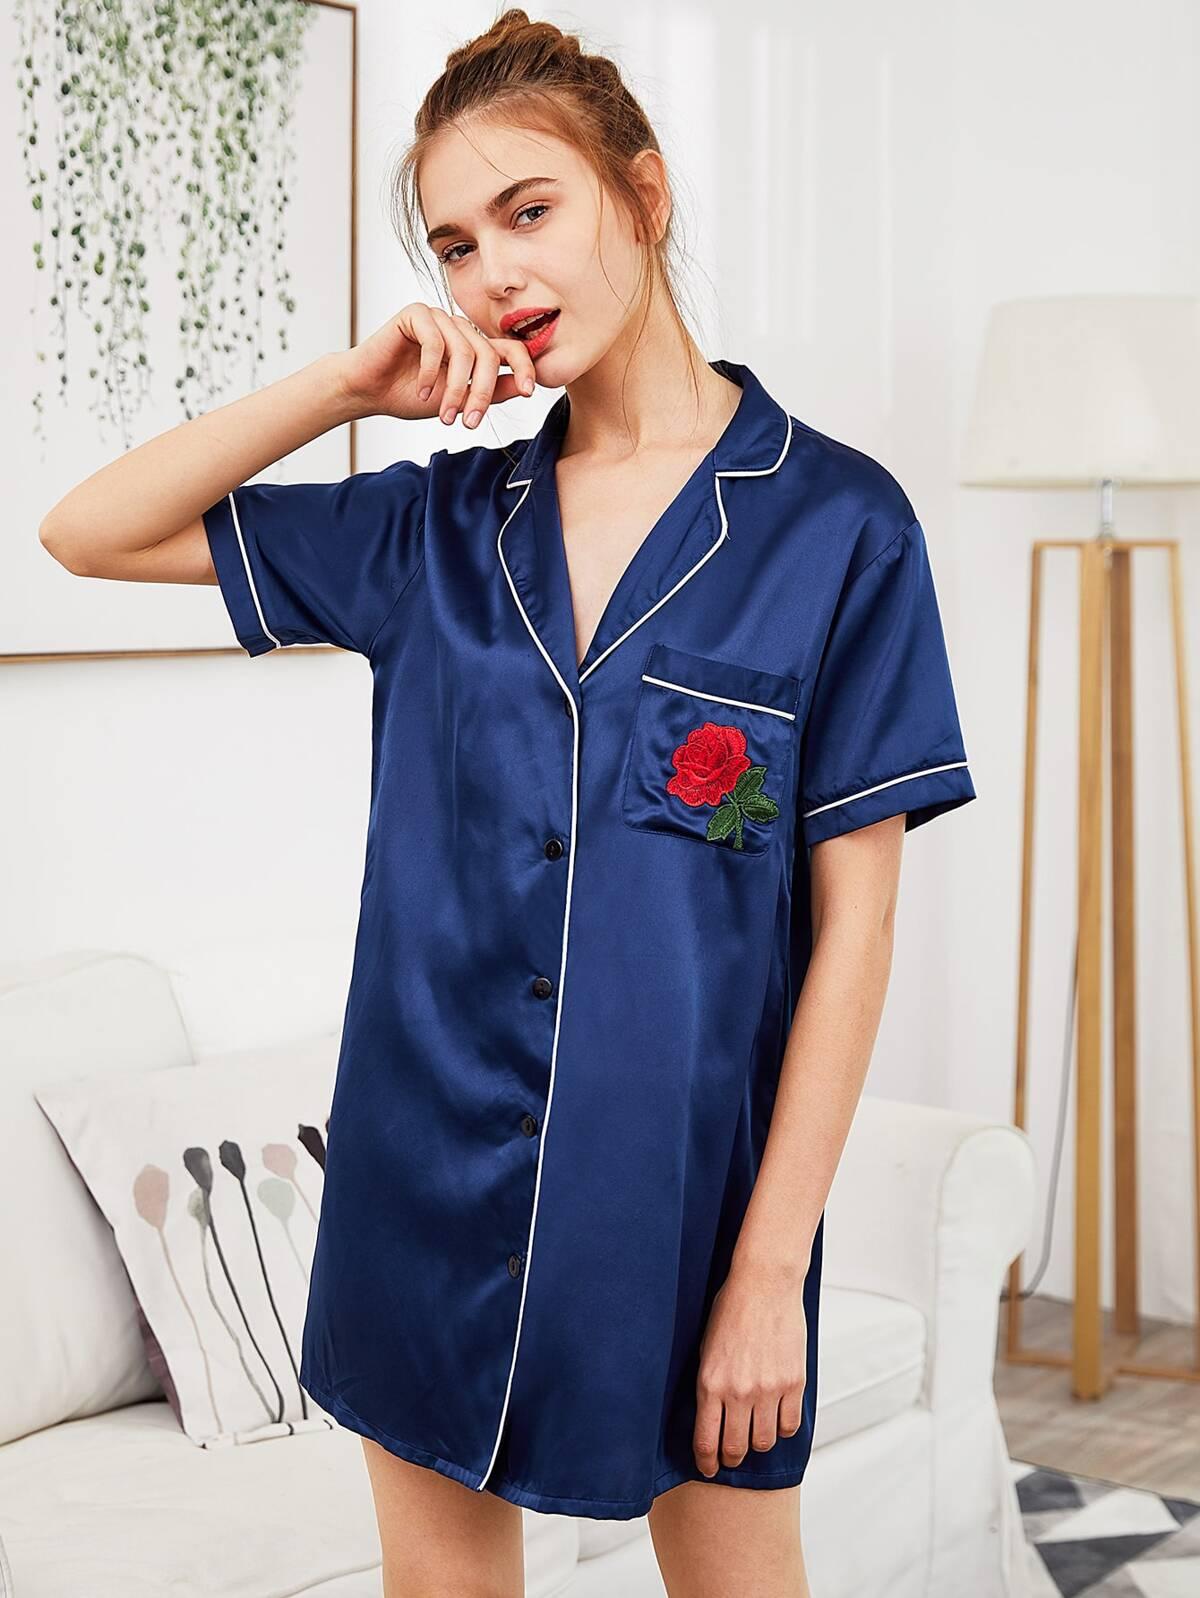 玫瑰 貼片 翻領 對比色 捆綁 睡衣褲組 襯衫